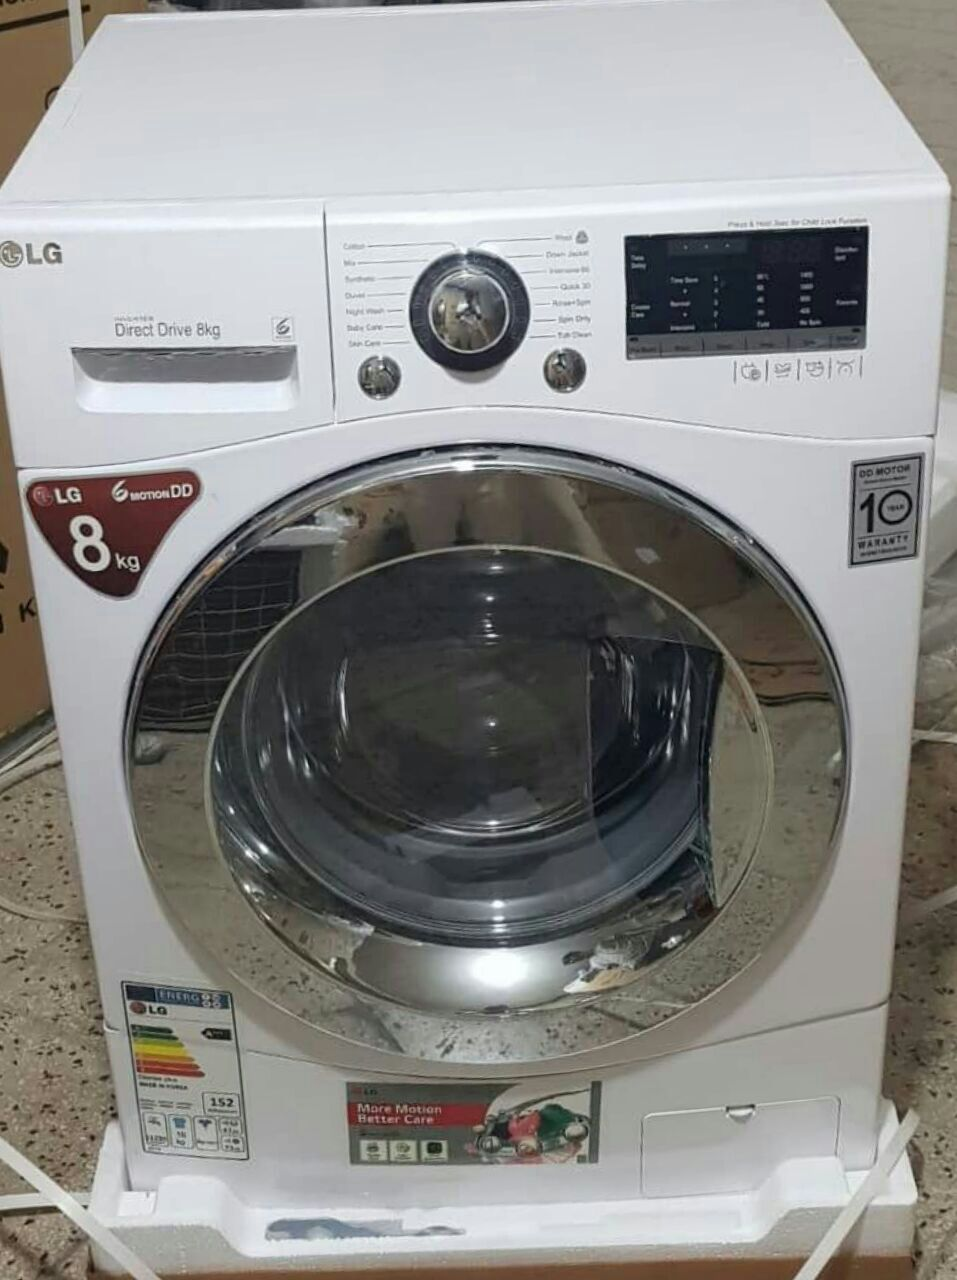 لباسشویی ال جی 8 کیلویی 1400 دور گیربکس(بدون تسمه) با نمایشگر دیجیتال 15 برنامه شستشو و خشک کن